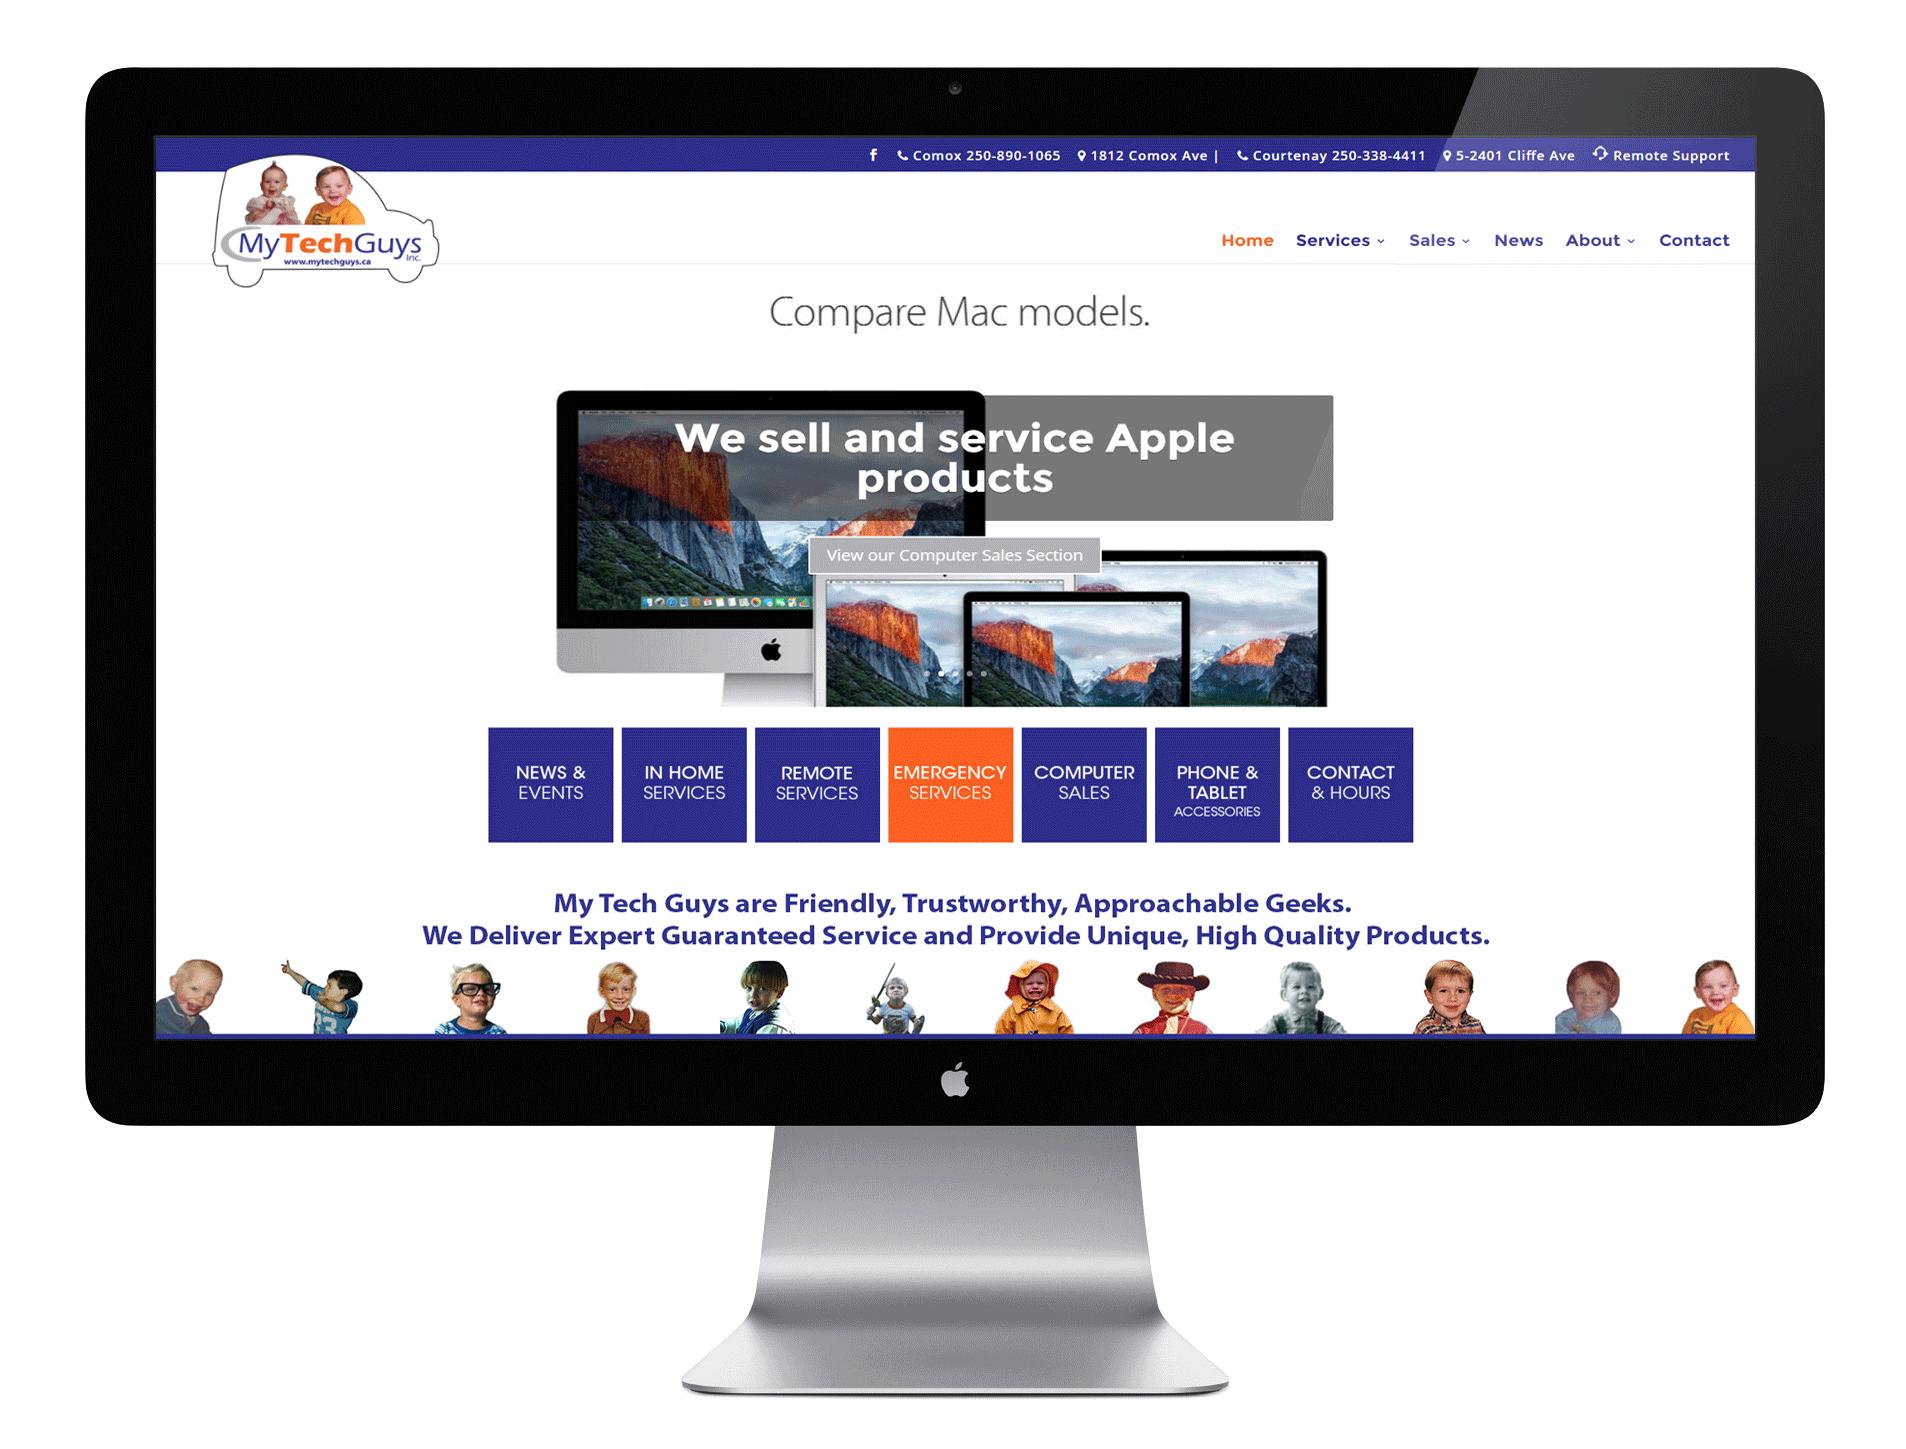 My Tech Guys Website Screen Capture